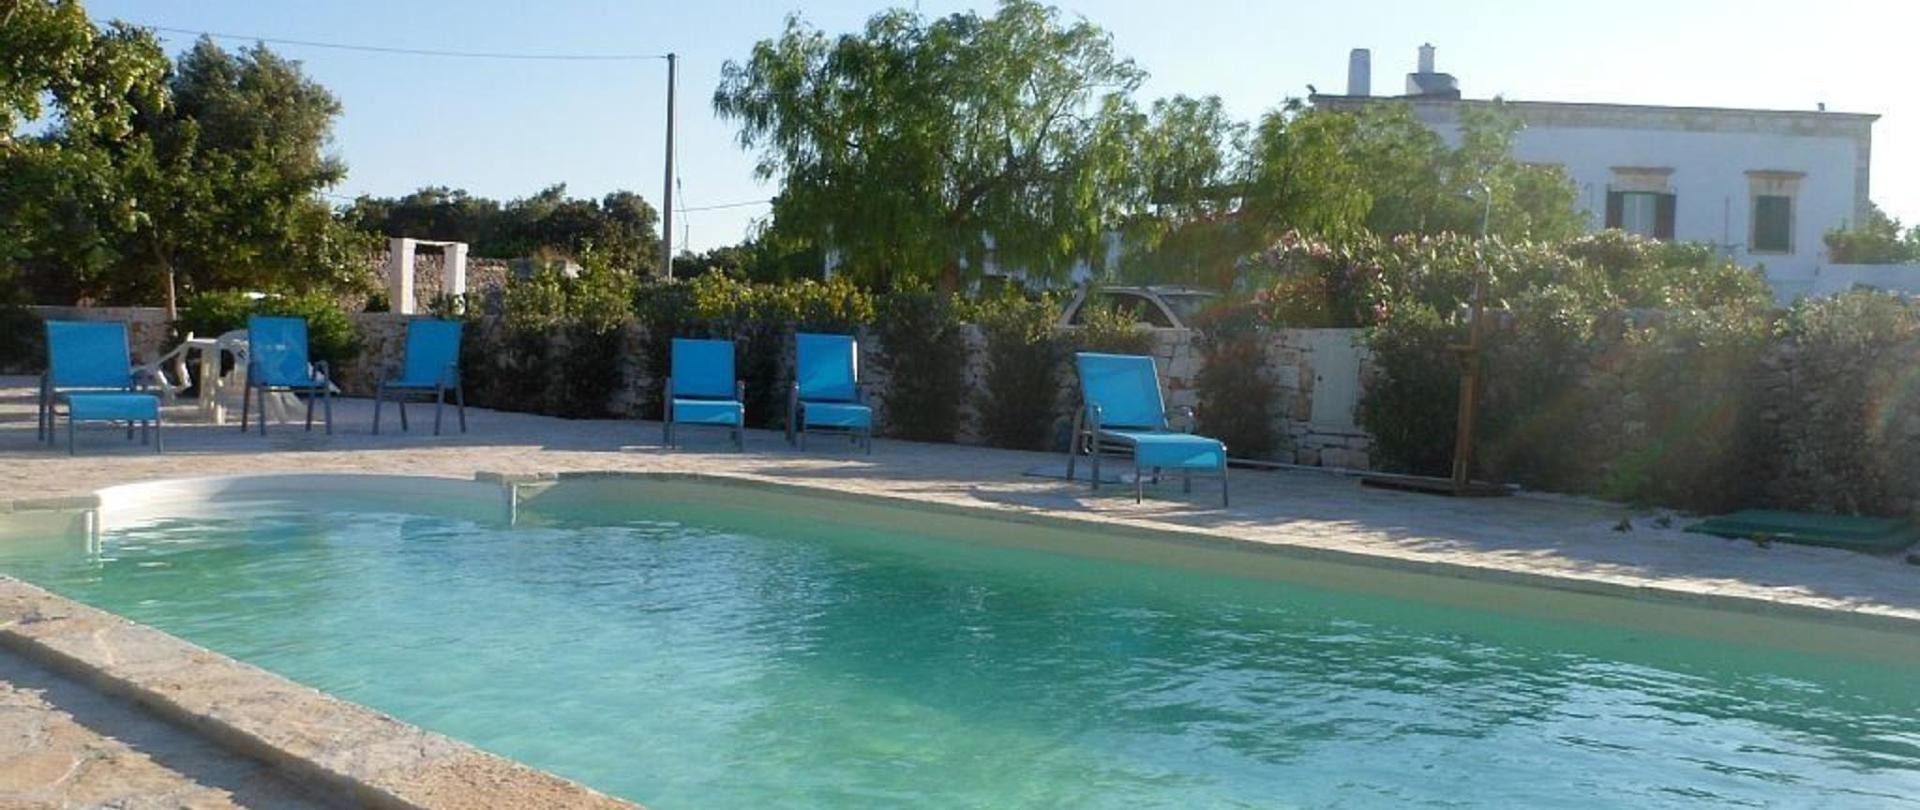 piscina-1.jpg